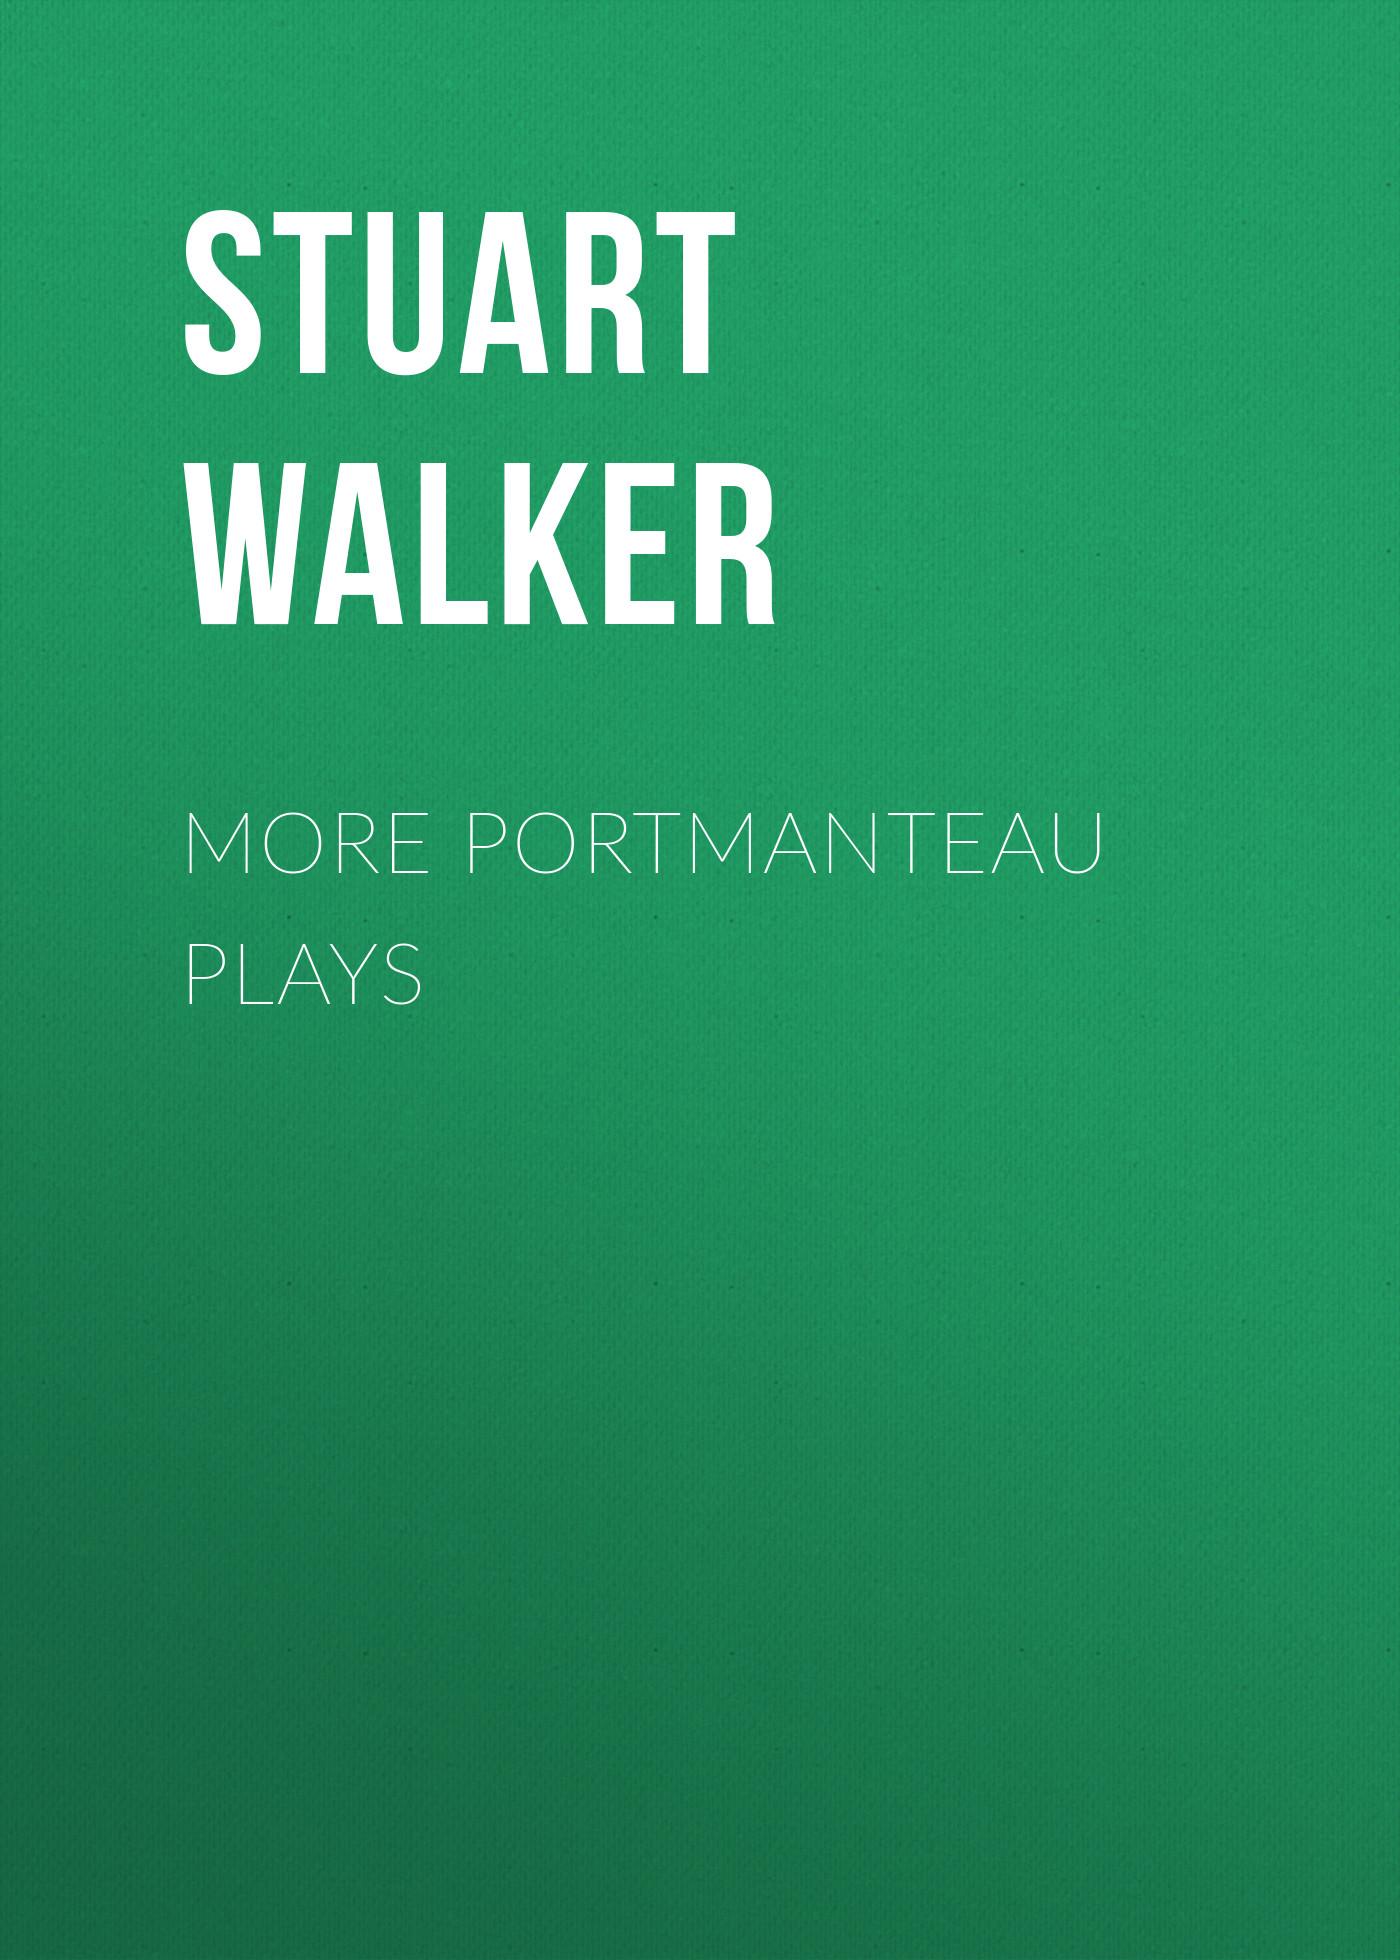 Stuart Walker More Portmanteau Plays inventive components of portmanteau words